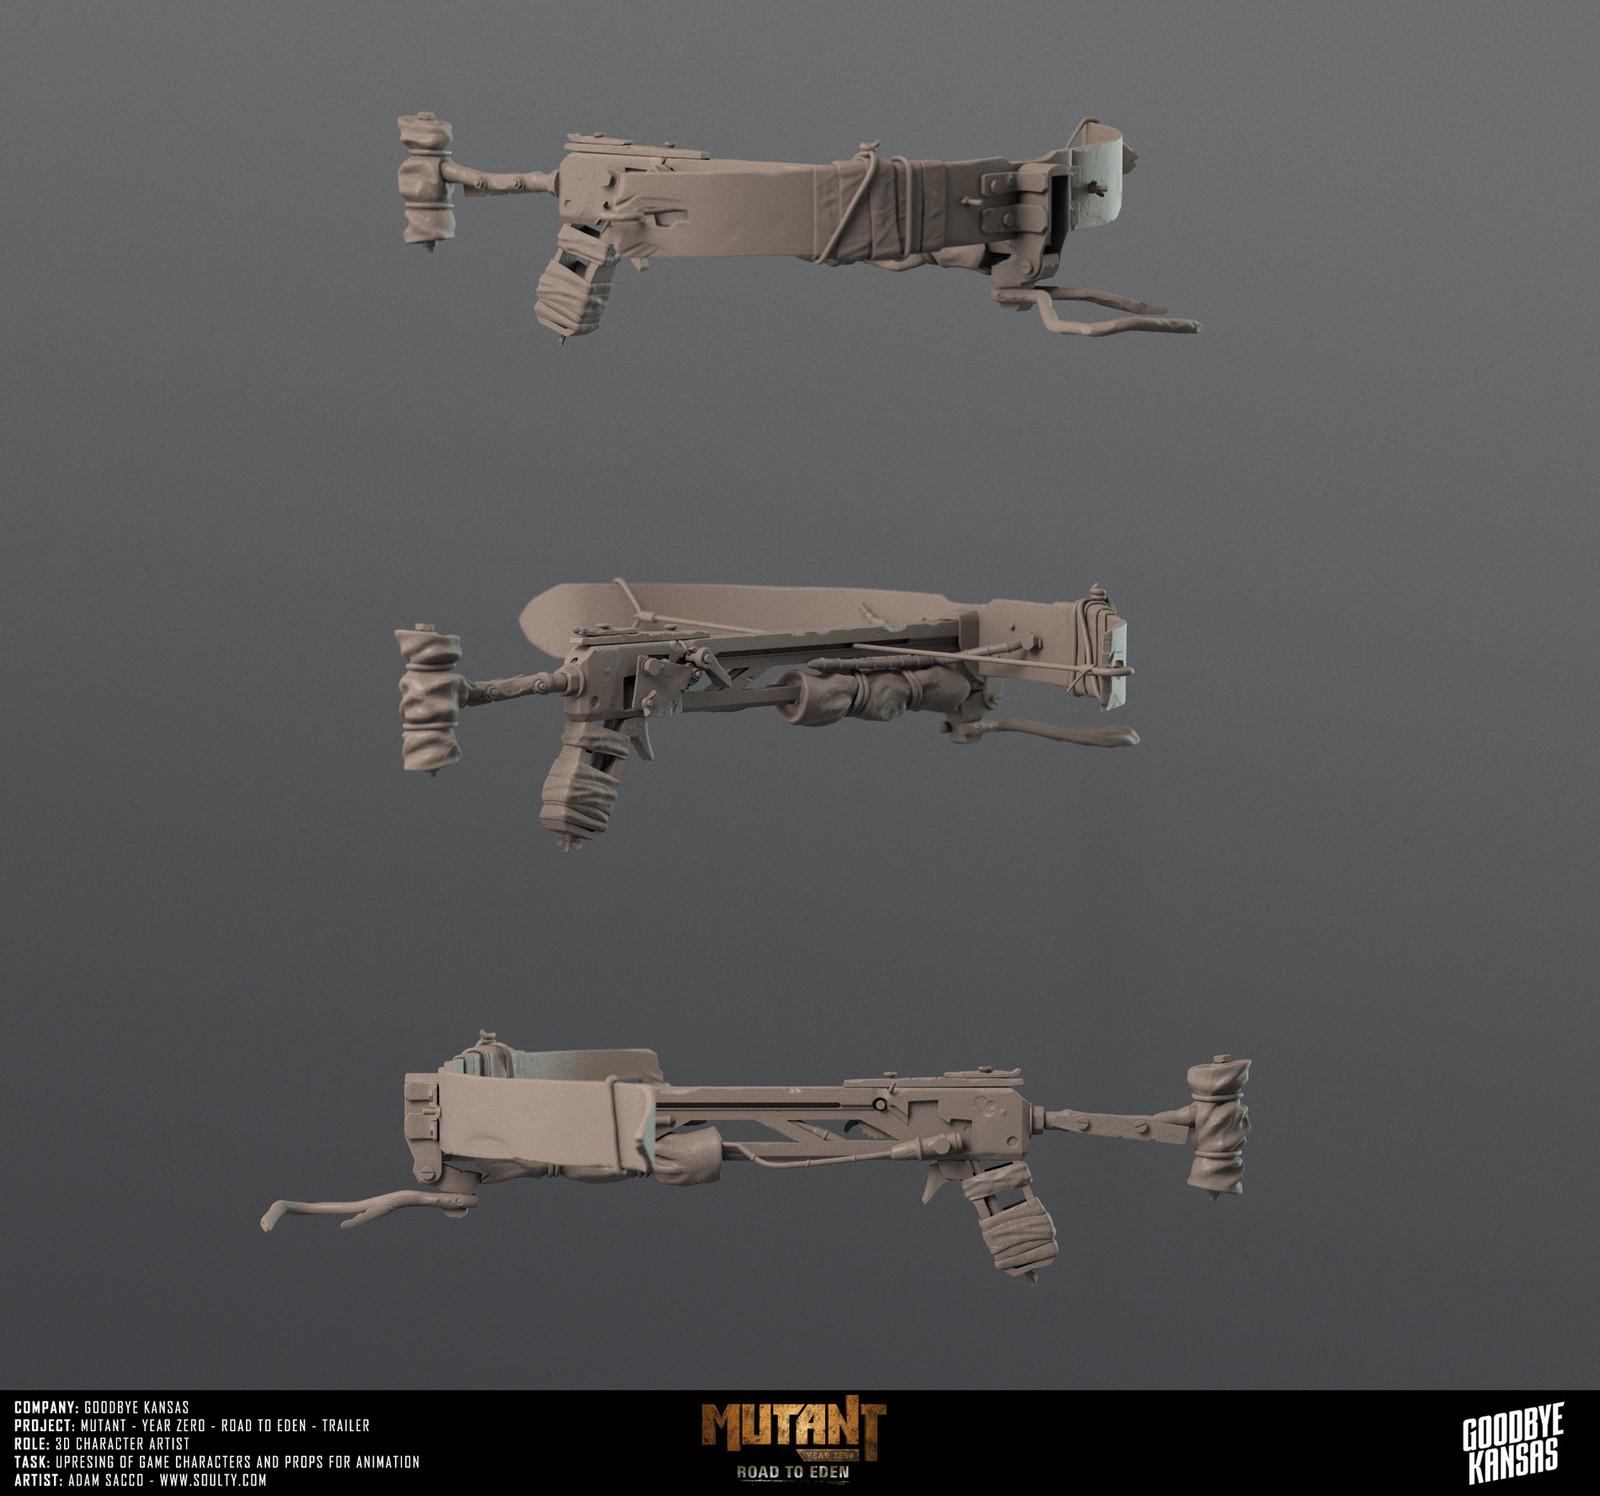 Crossbow prop